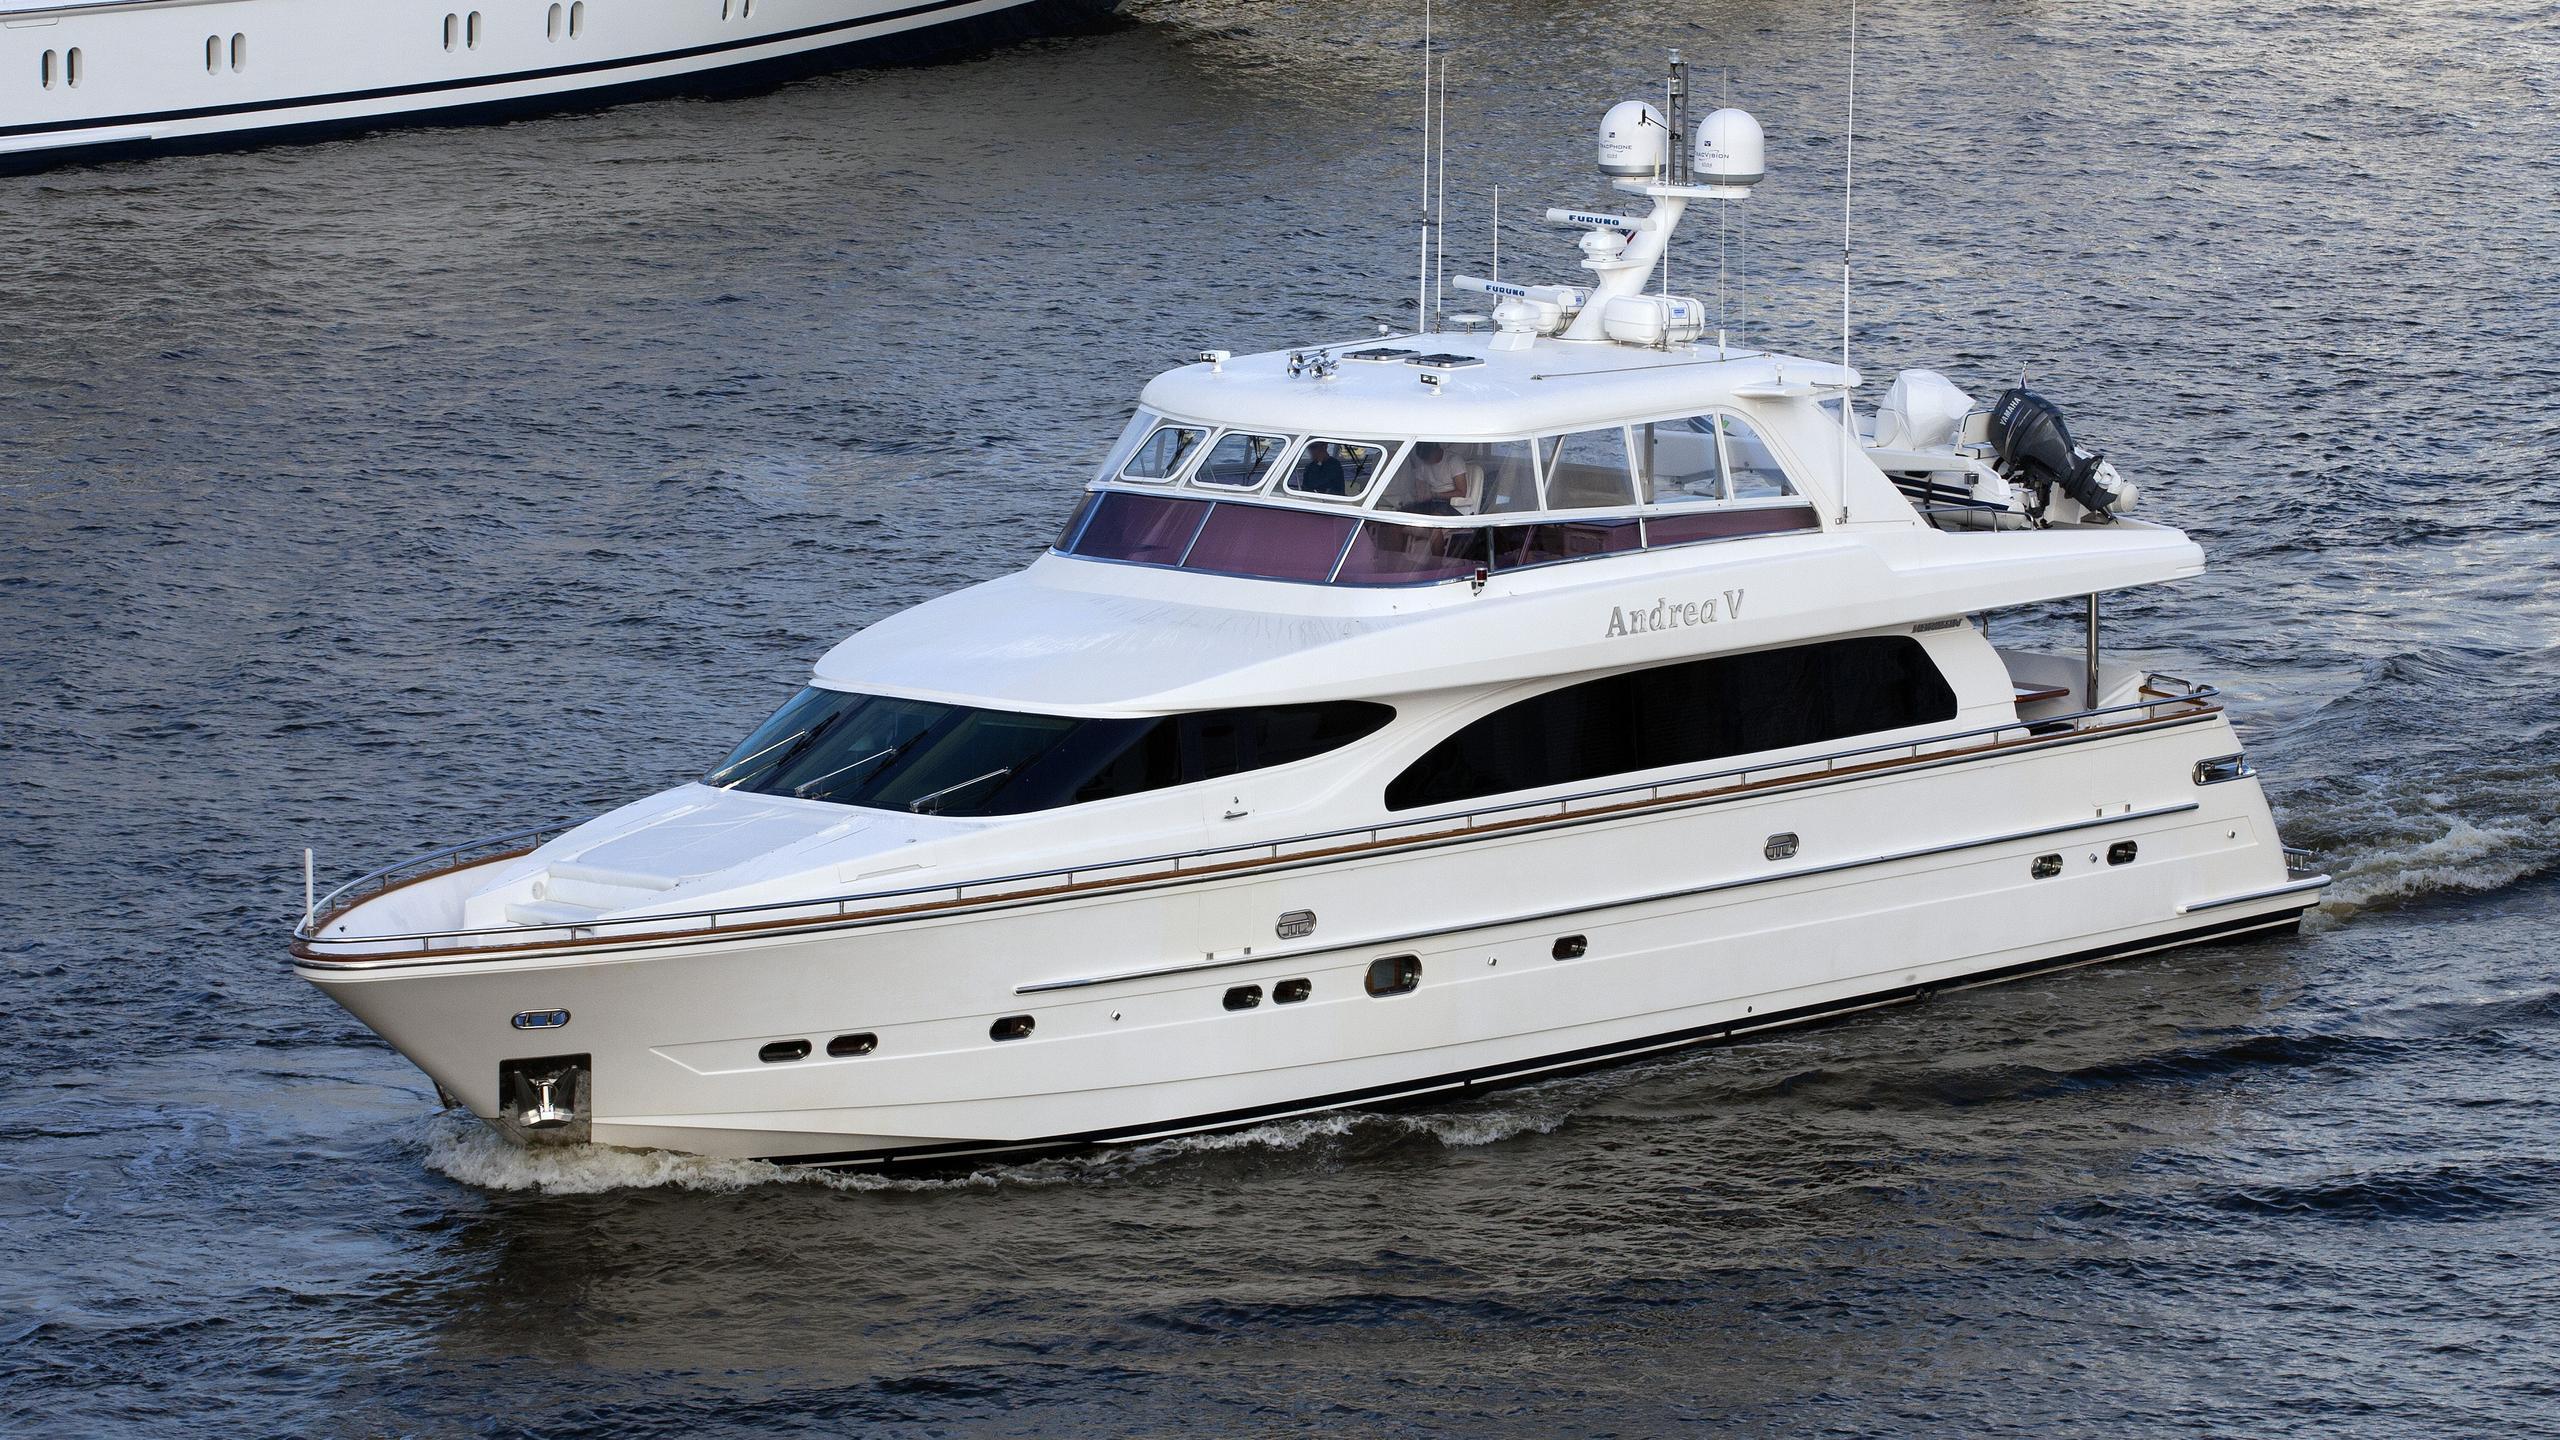 andrea-v-yacht-exterior